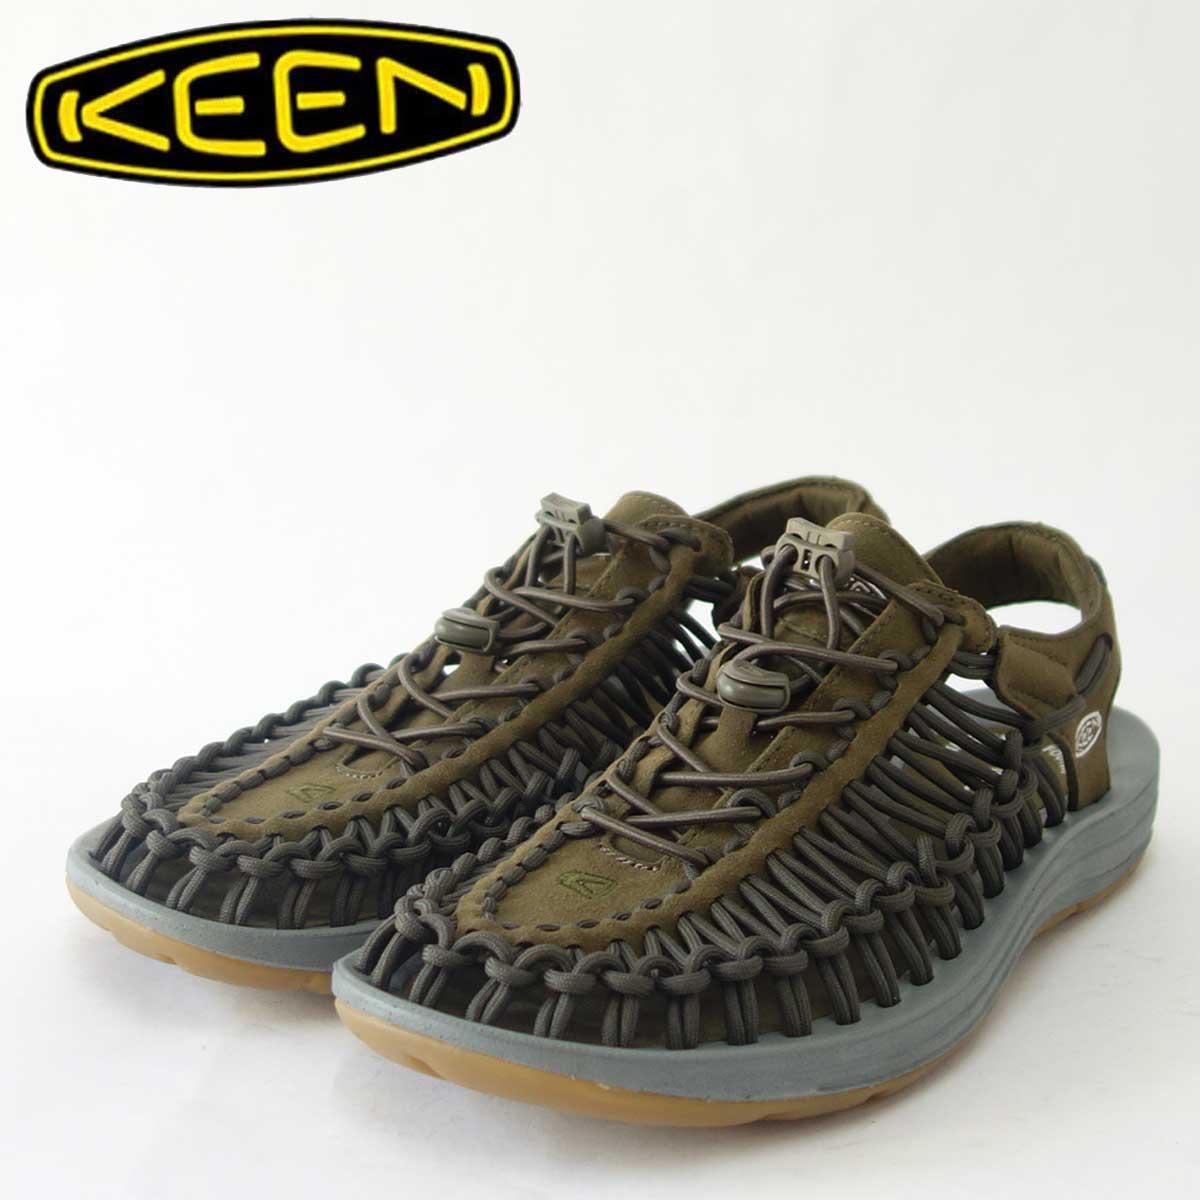 KEEN キーン UNEEK(ユニーク) 1017033(メンズ)キーン独自のハイブリッドサンダル カラー:Dark Olive/Neutral Gray「靴」